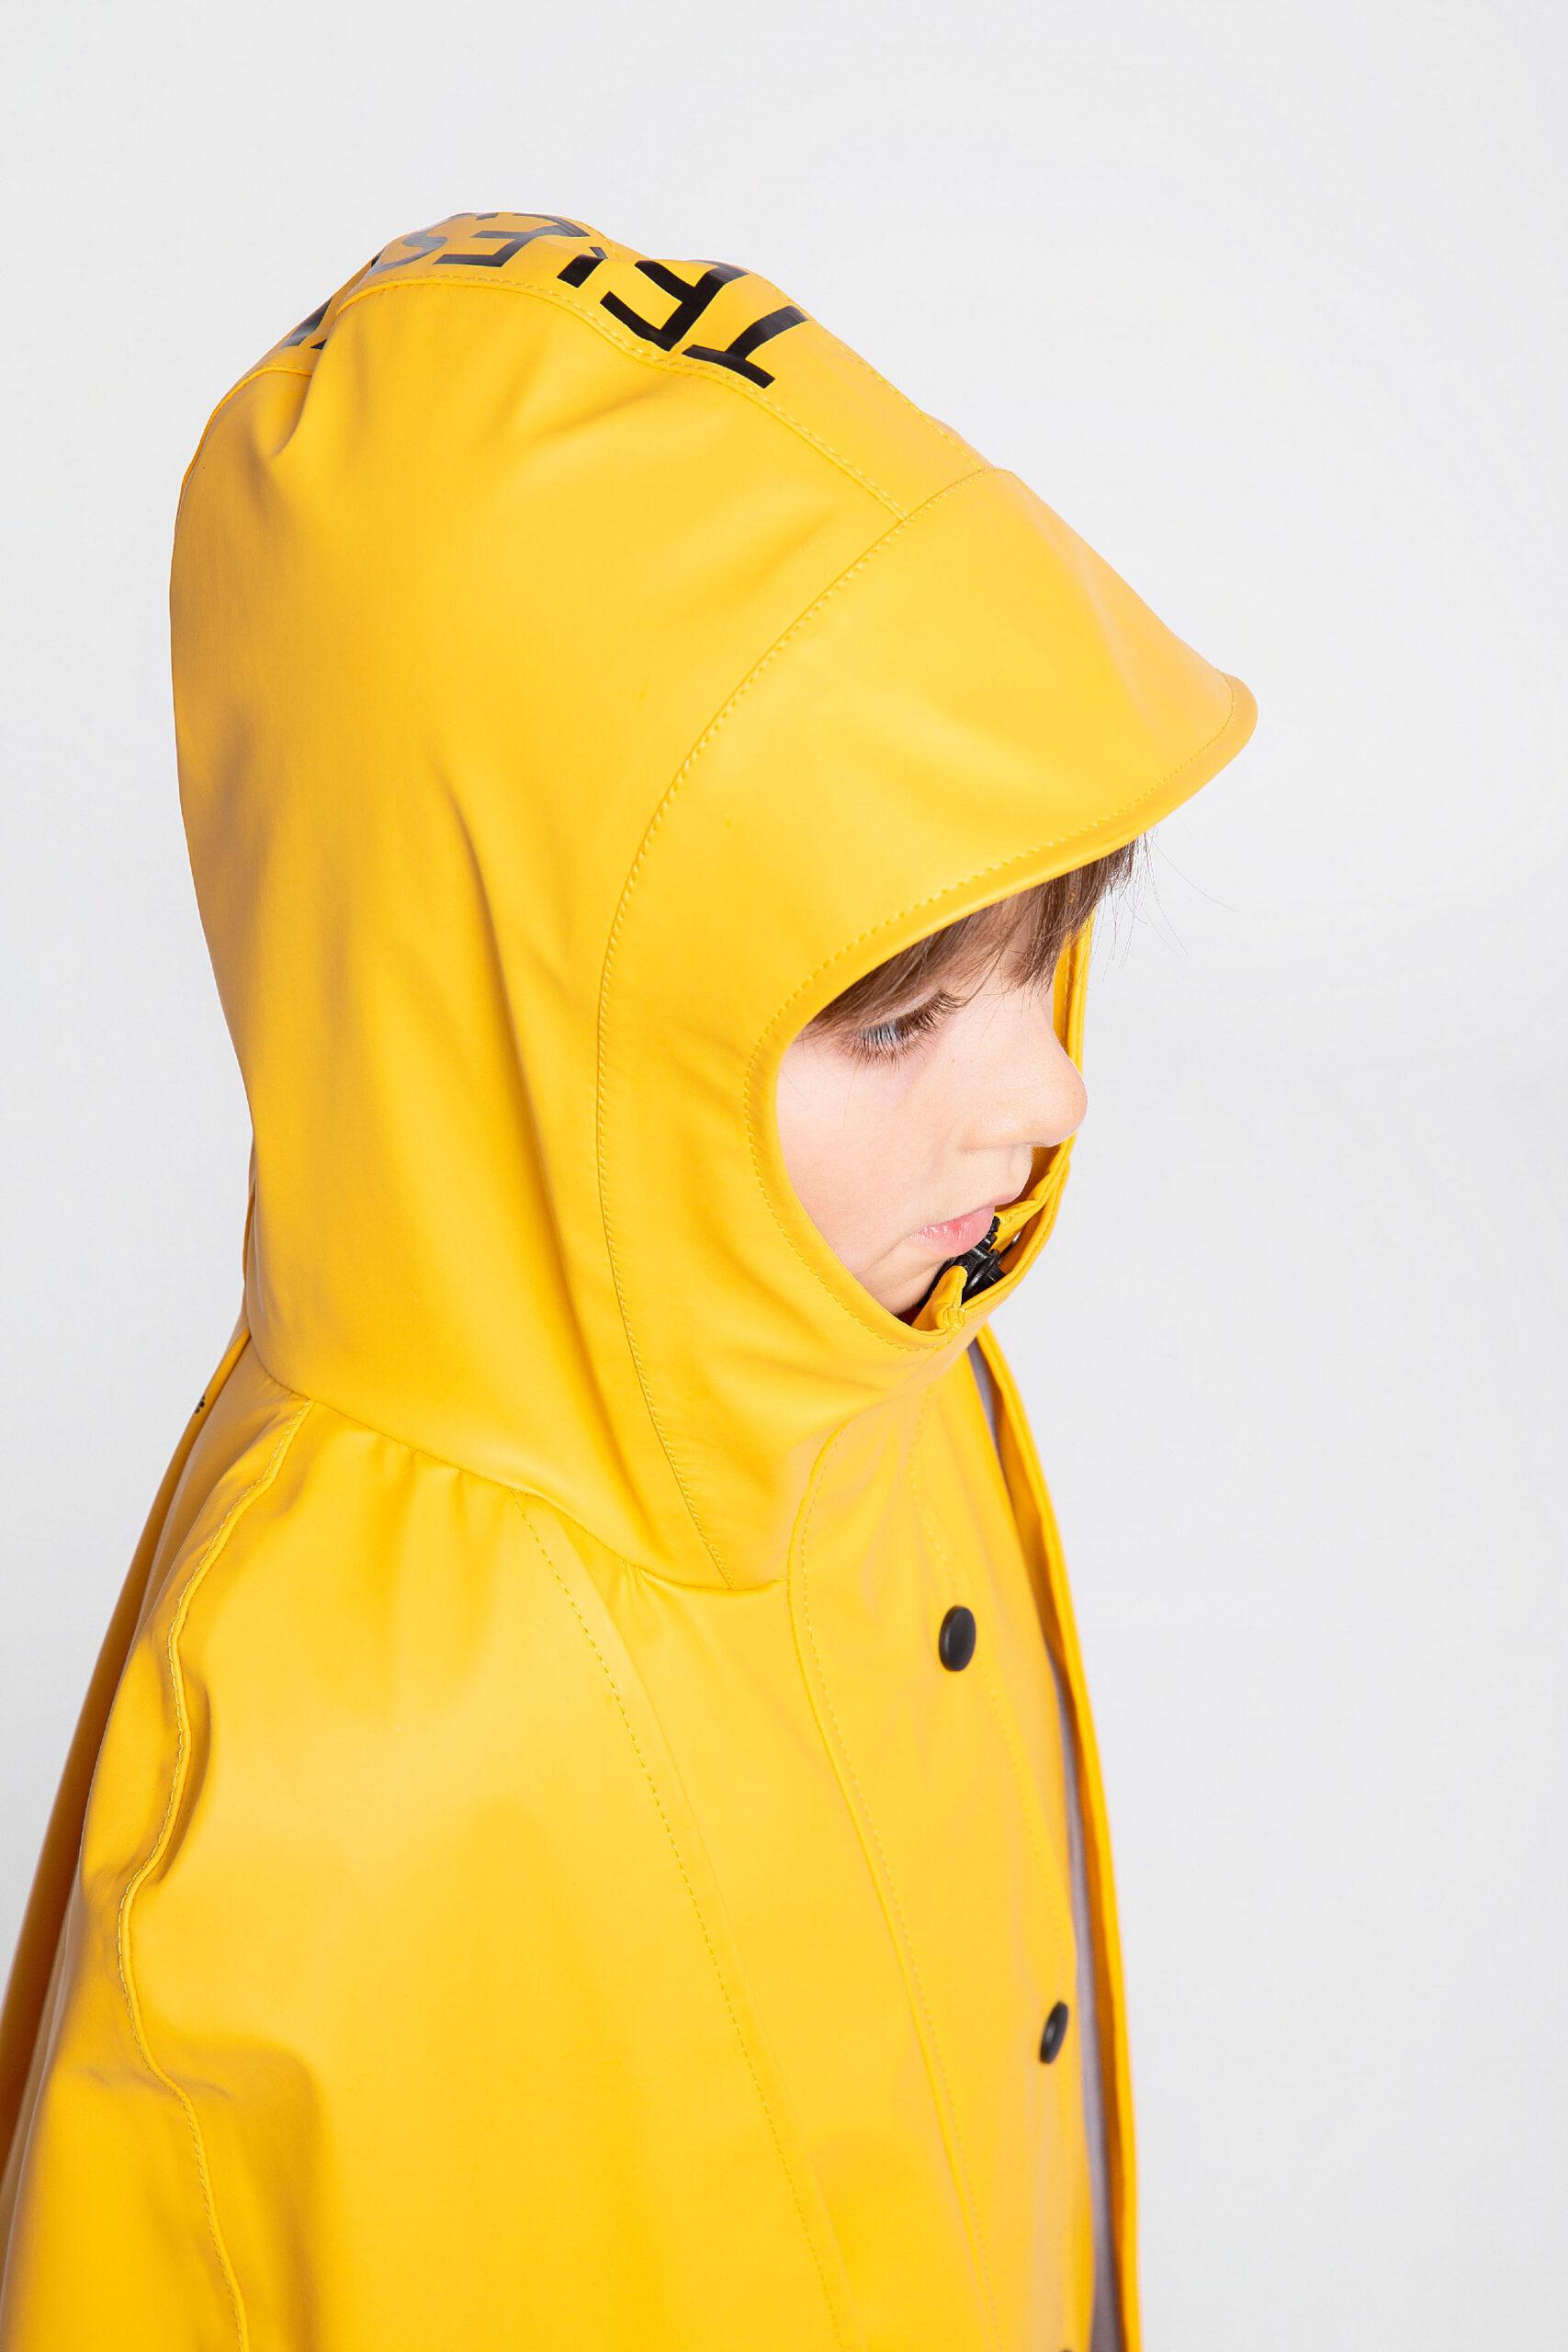 Дитячий Дощовик-Пончо Гідроплан. Колір жовтий. 8.